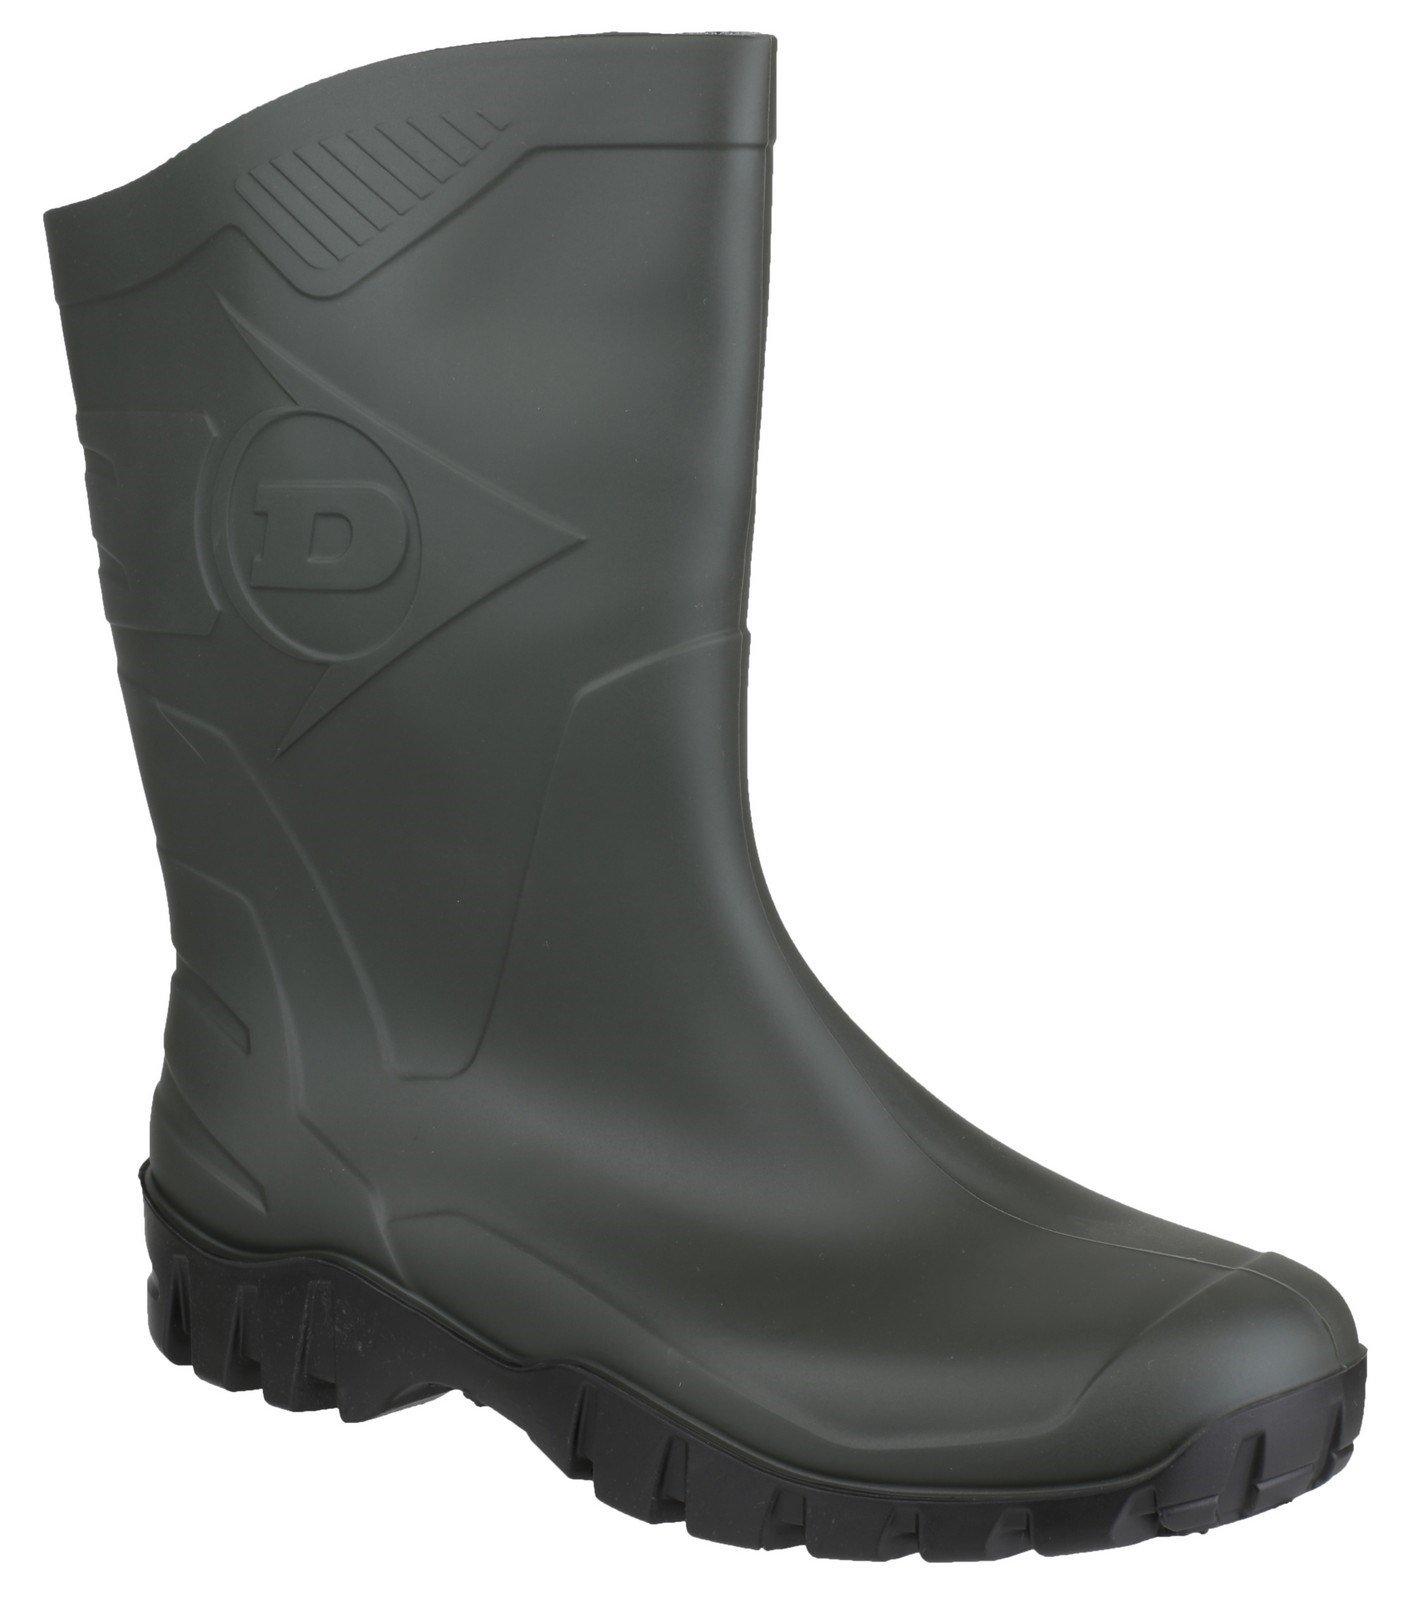 Dunlop Unisex Dee Calf Length Wellington Boot Various Colours 21858 - Dark Green 7